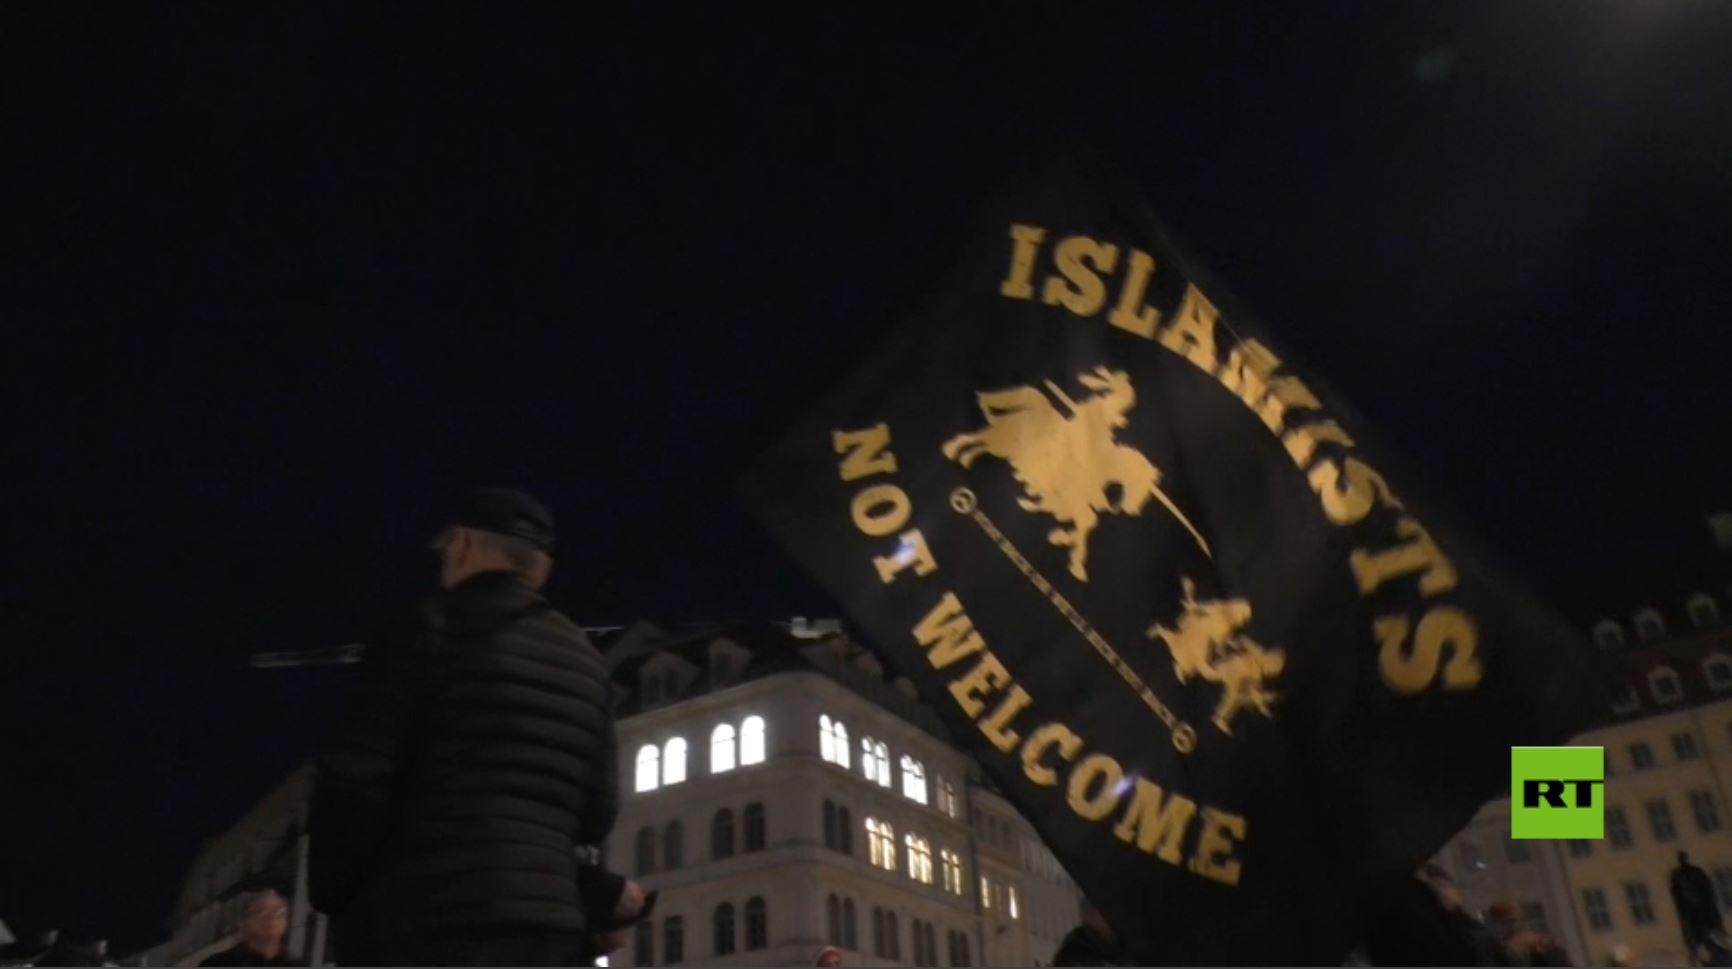 مظاهرة ضد أسلمة الغرب تُقابل بمظاهرة ضد الفاشية والنازية في ألمانيا